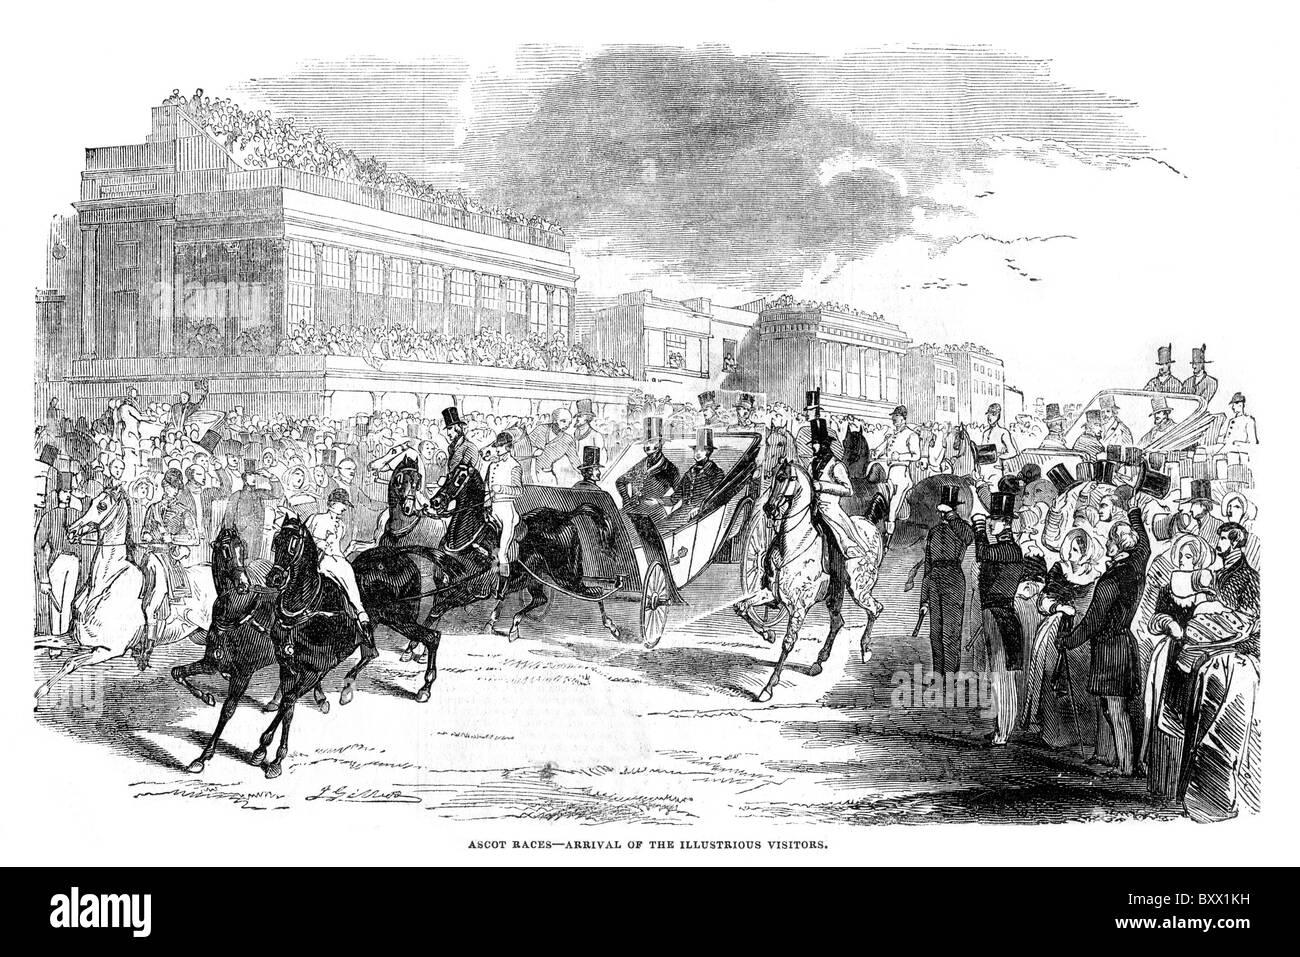 Ascot gare; l'arrivo di illustri visitatori; xix secolo; Bianco e Nero illustrazione; Immagini Stock